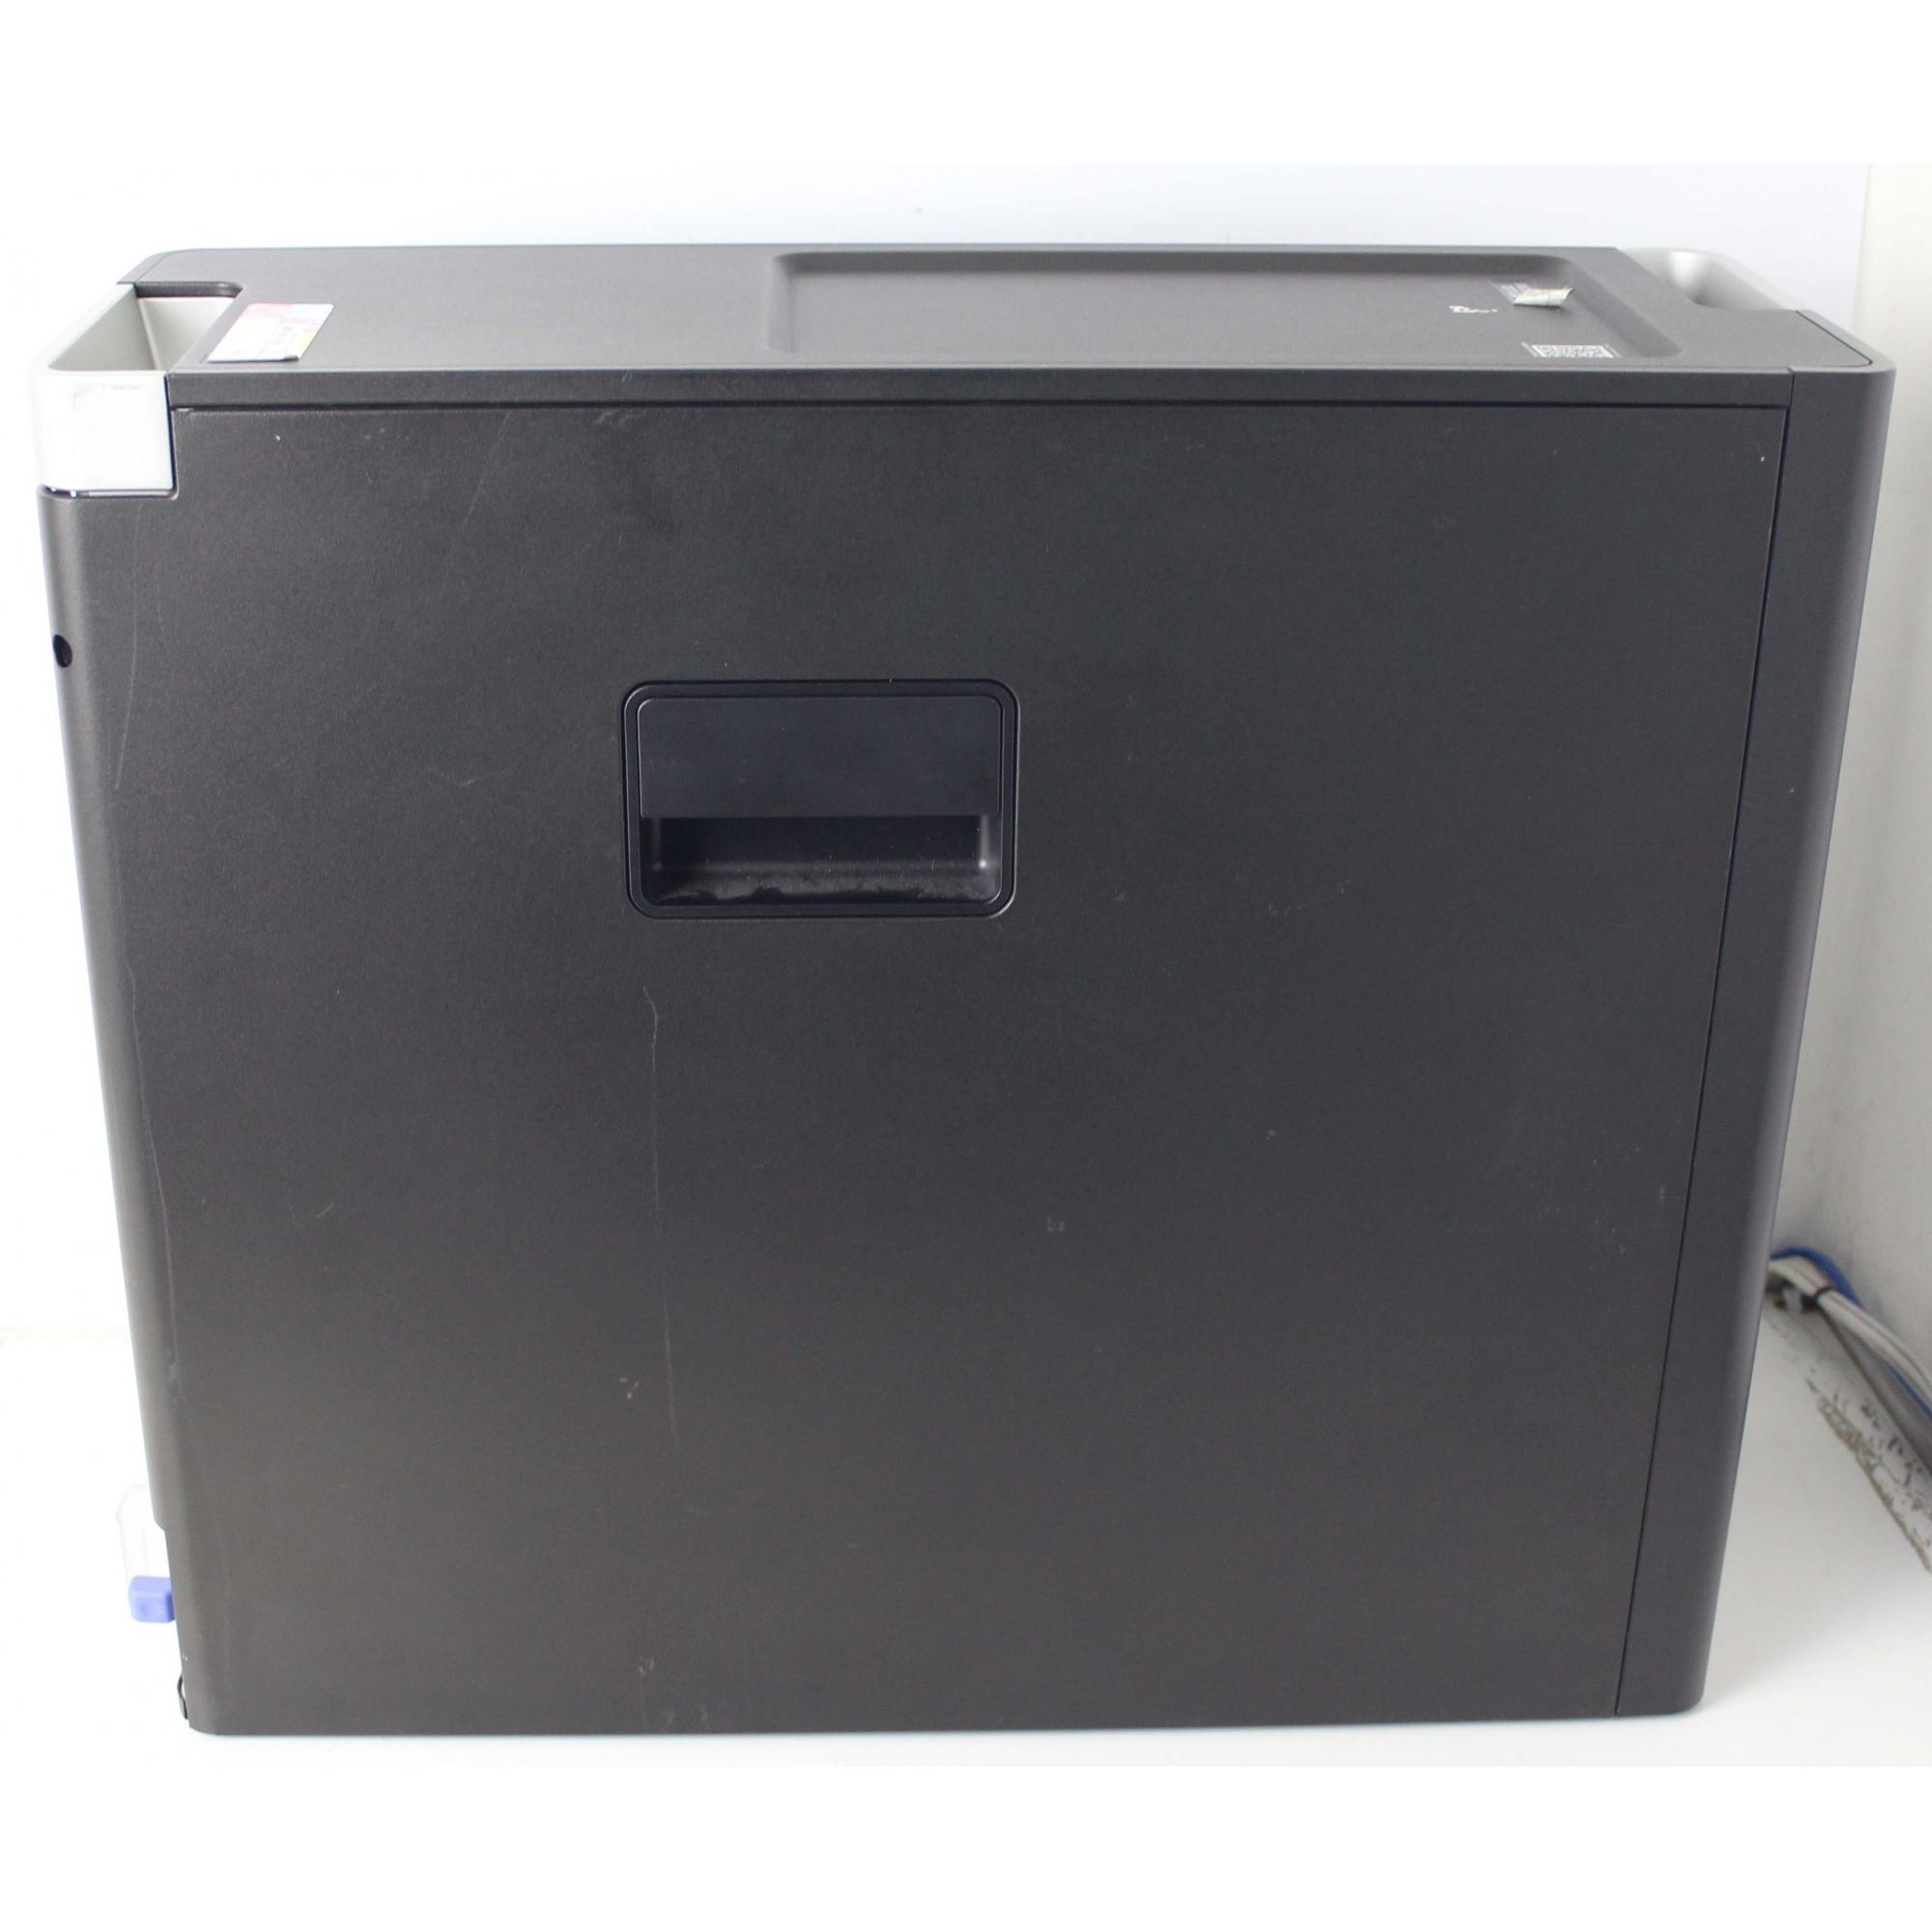 Work Computador Dell Precision Tower 5810 Intel Xeon Quad 3.5GHz Turbo 32GB HD-4TB + 4GB Dedicada